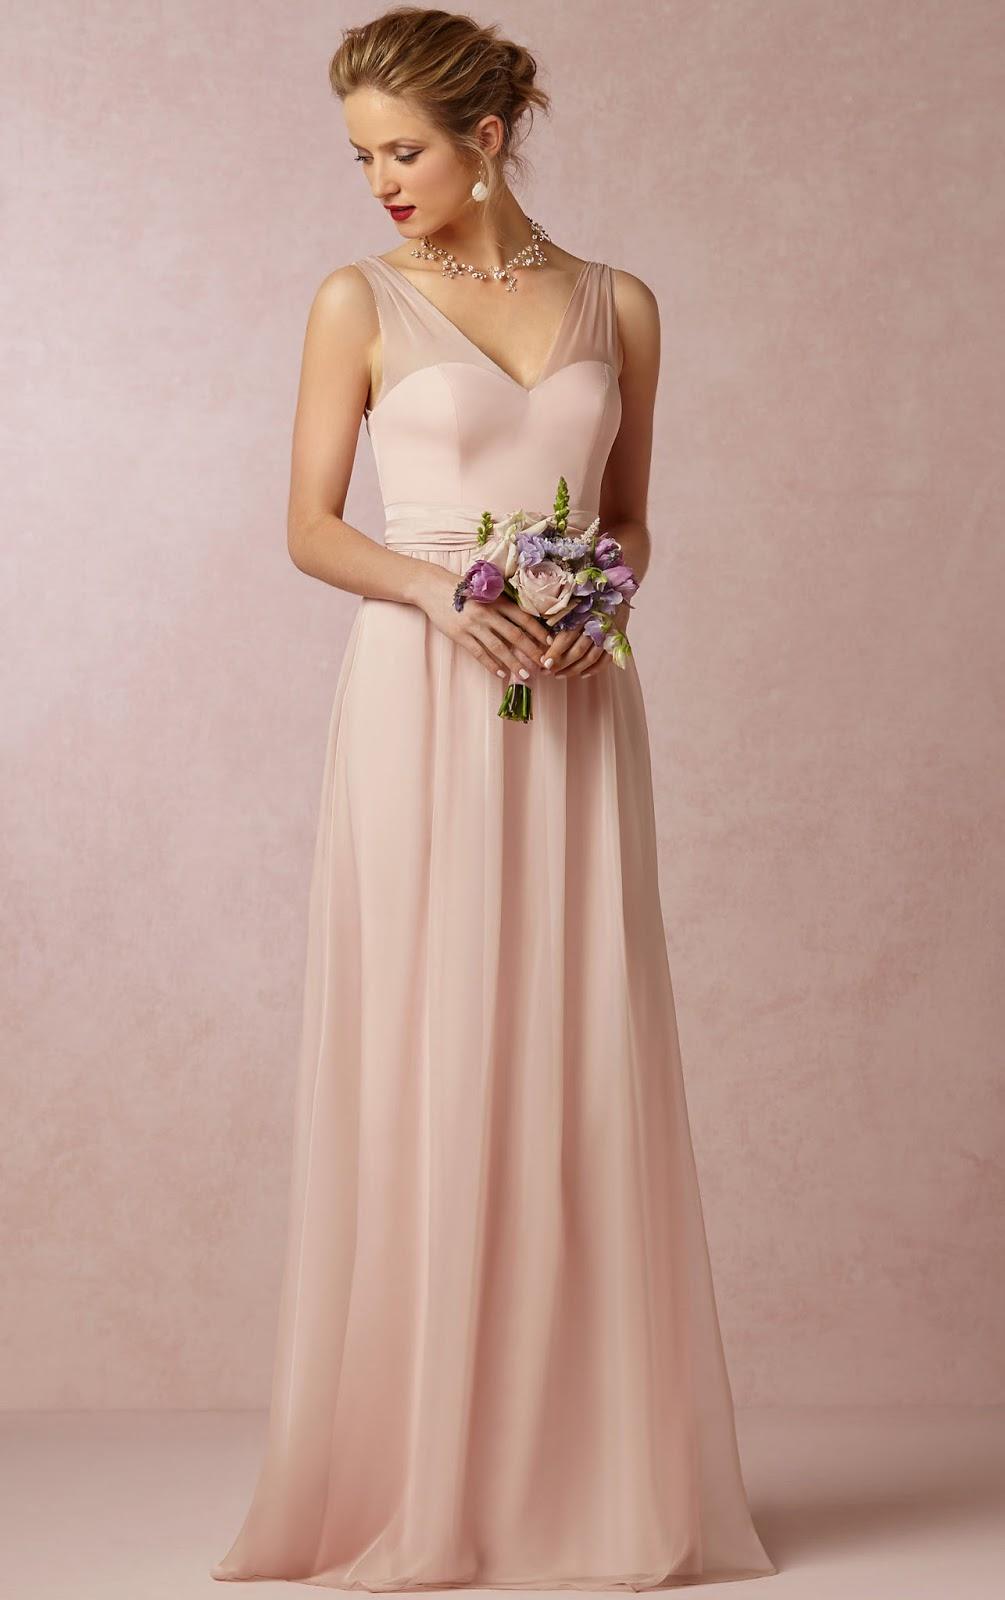 Wedding Dresses - AisleStyle.co.uk | THE TWINS\' WARDROBE